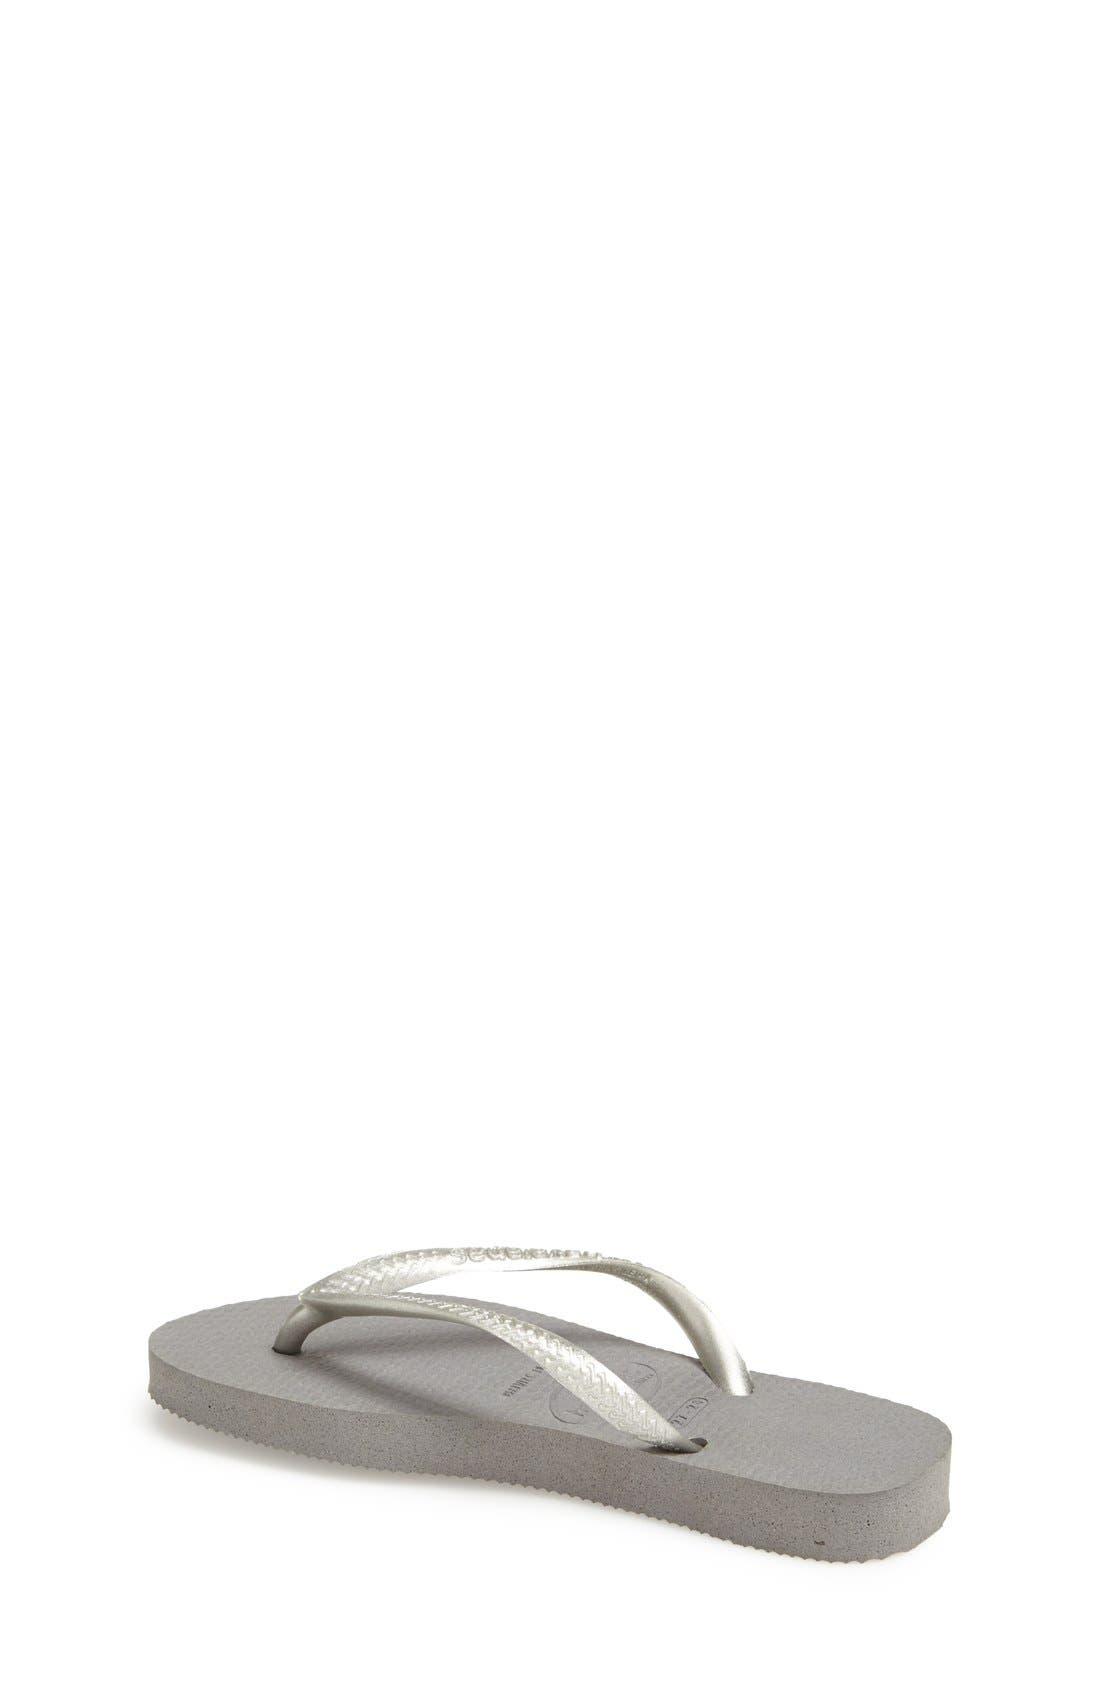 a8b3d69a22f1a Girls  Sandals Shoes